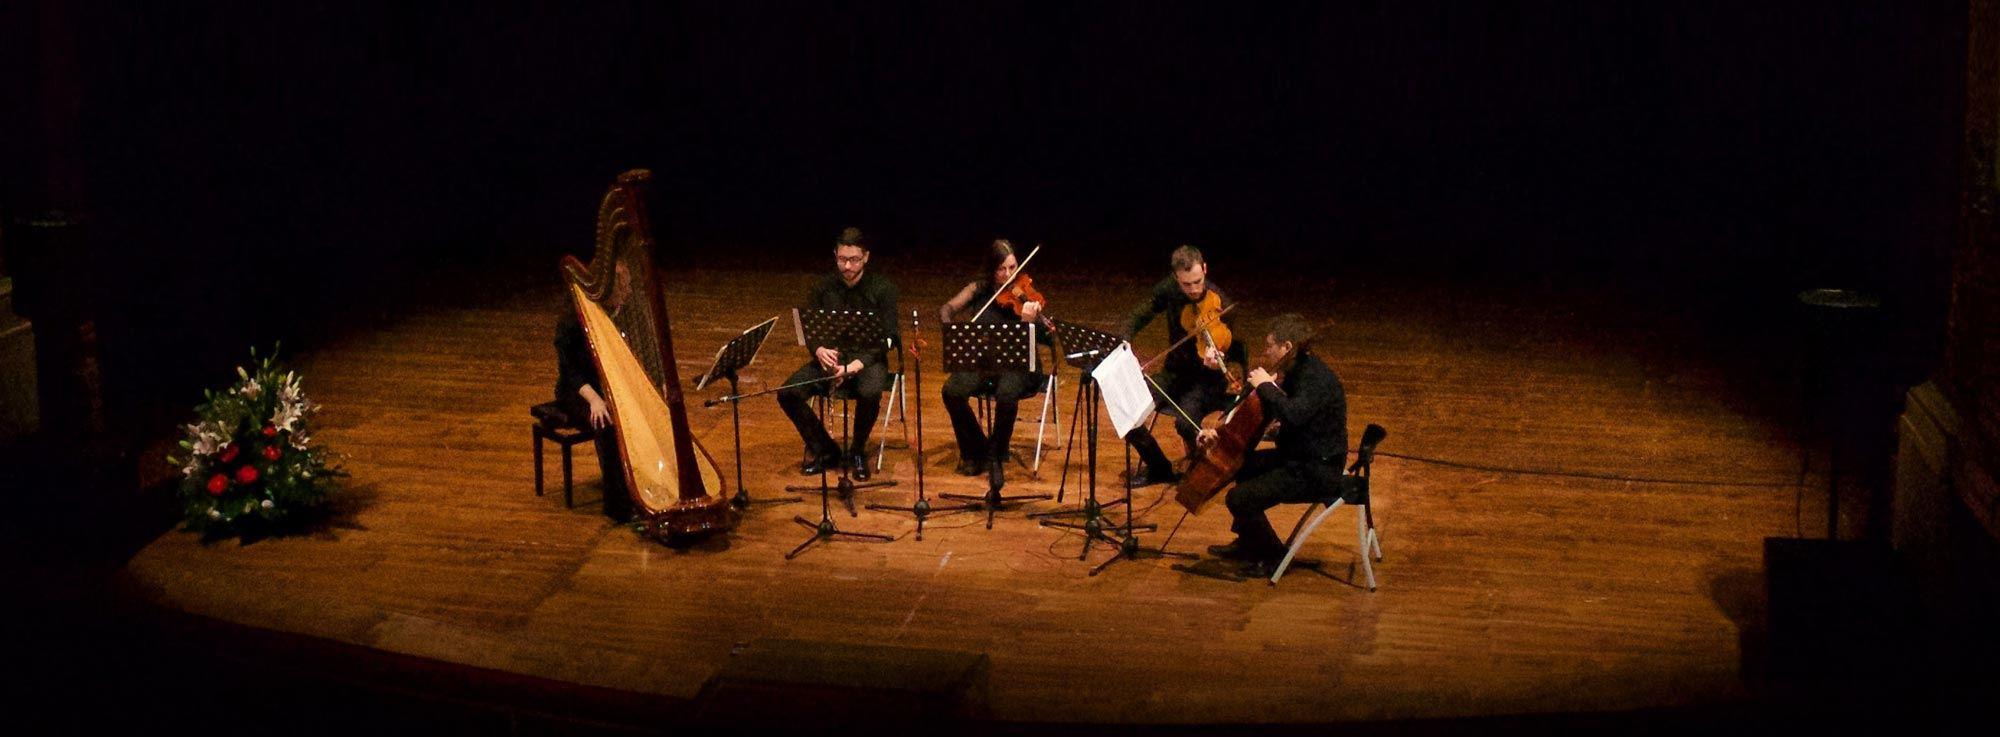 Foggia: Incontrarsi in suoni opposti - Stagione concertistica